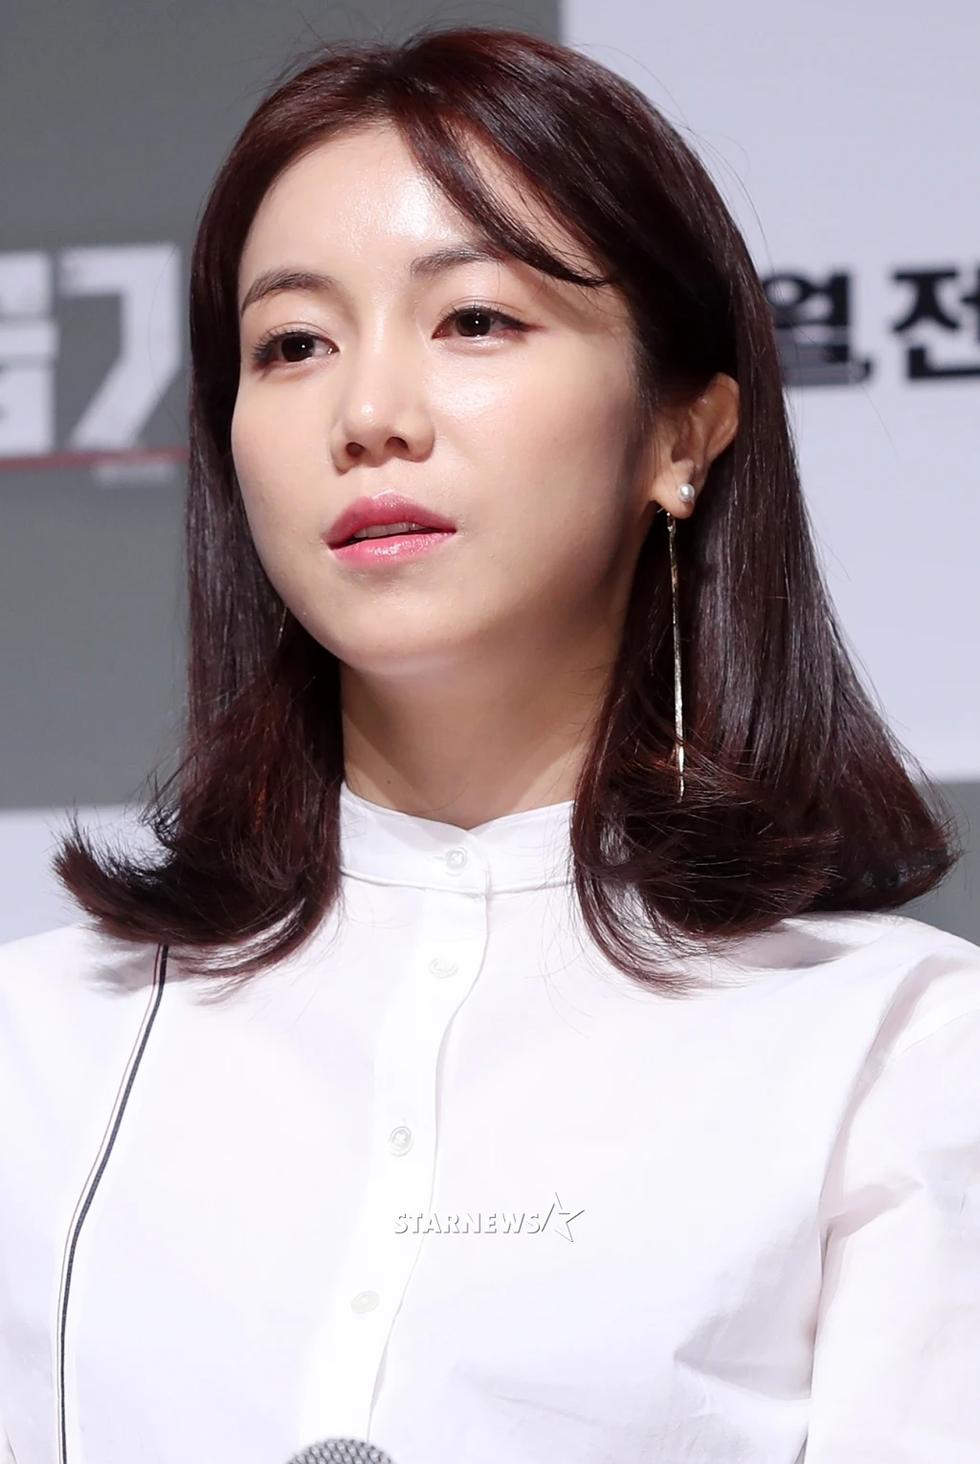 Vì nạn nhân bị lạm dụng tình dục, sao Hàn ủng hộ #MeToo - Ảnh 11.